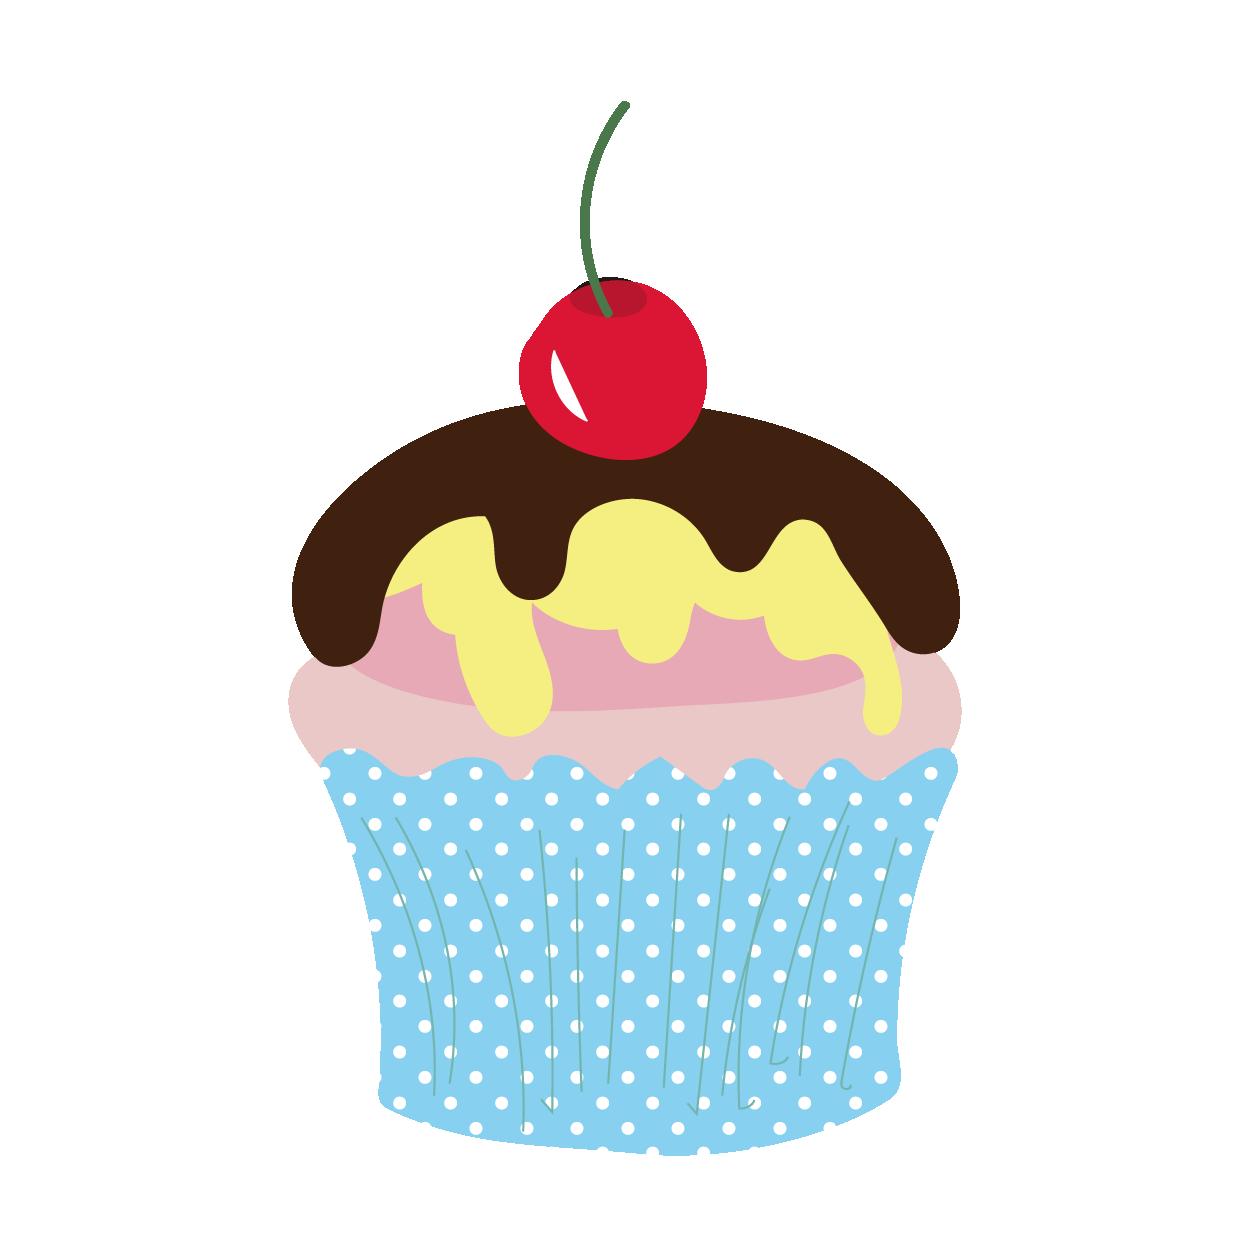 サクランボとチョコのカップケーキ【スイーツ・お菓子】 | 商用フリー